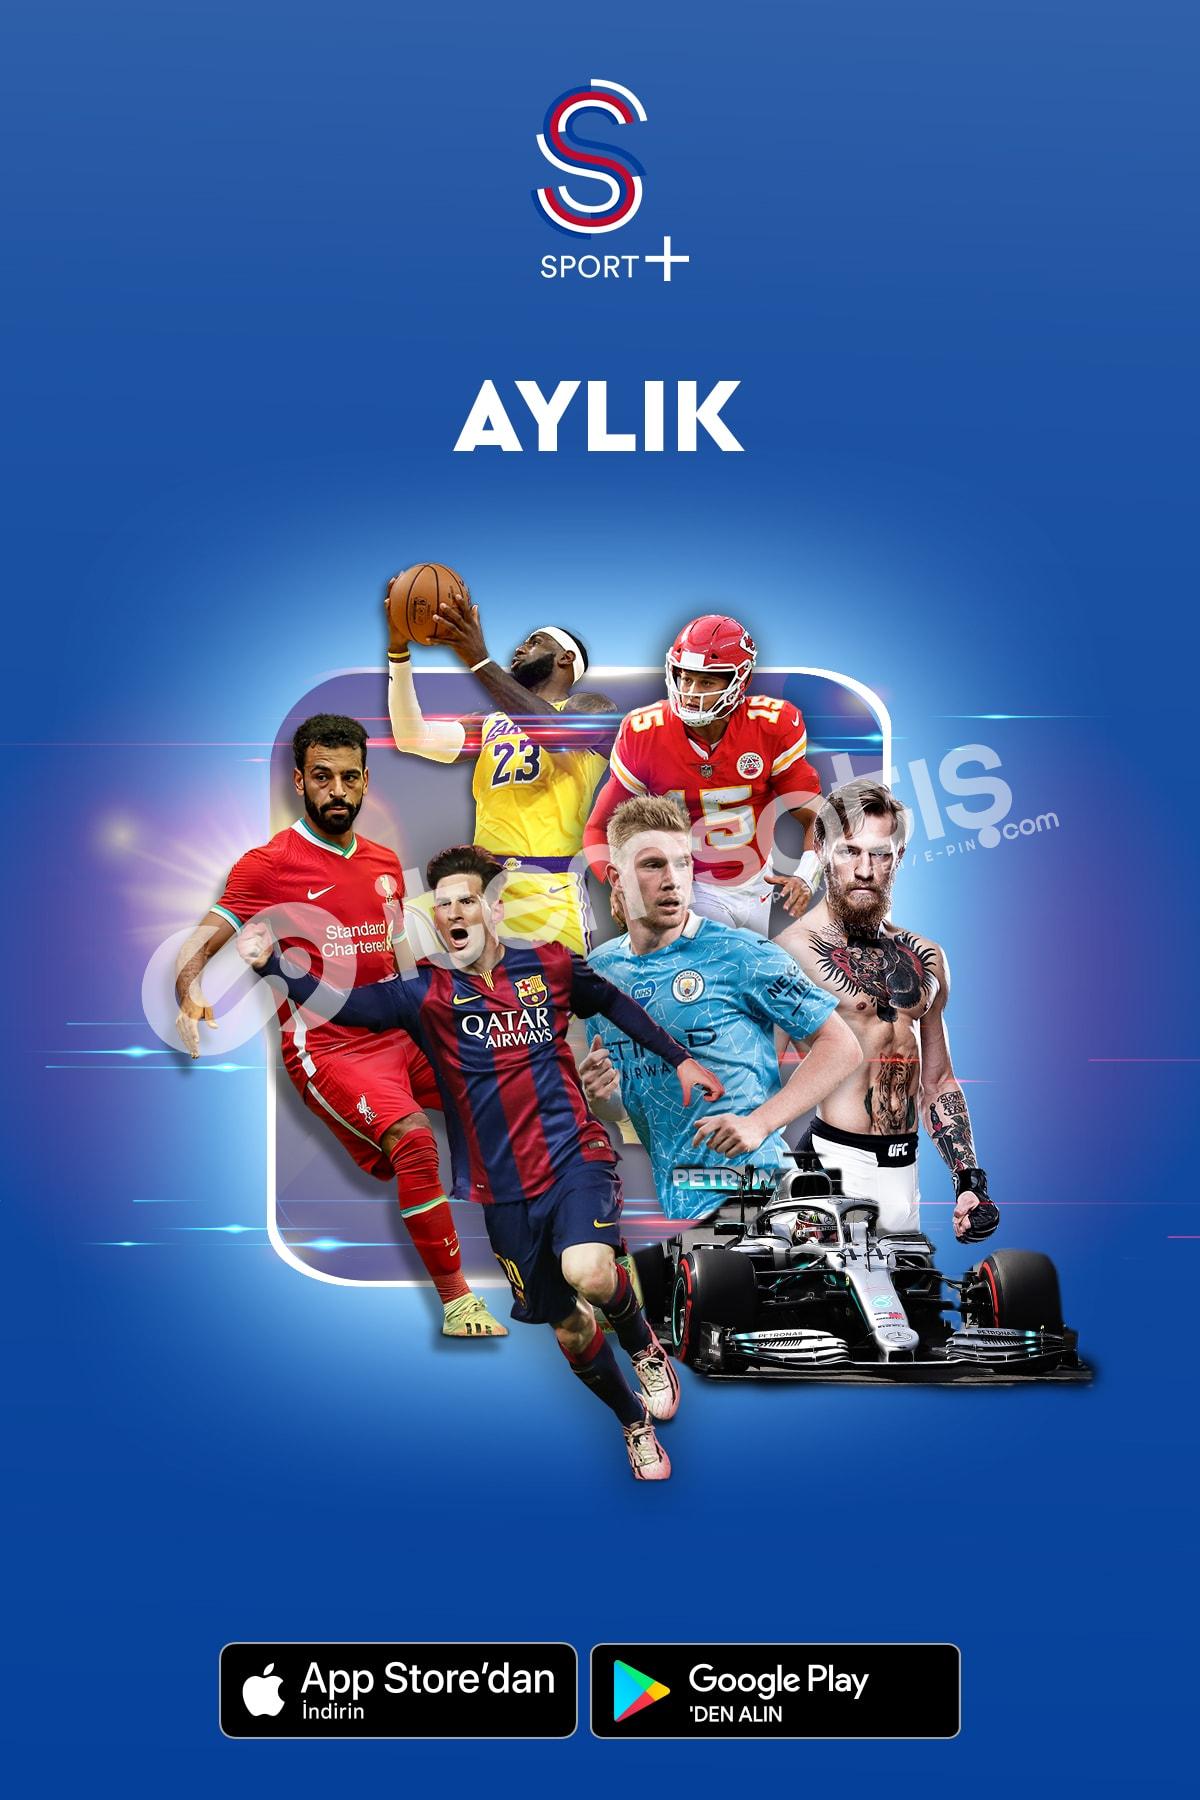 S Sport Plus 1 Aylık Paket - Promosyon Kodu